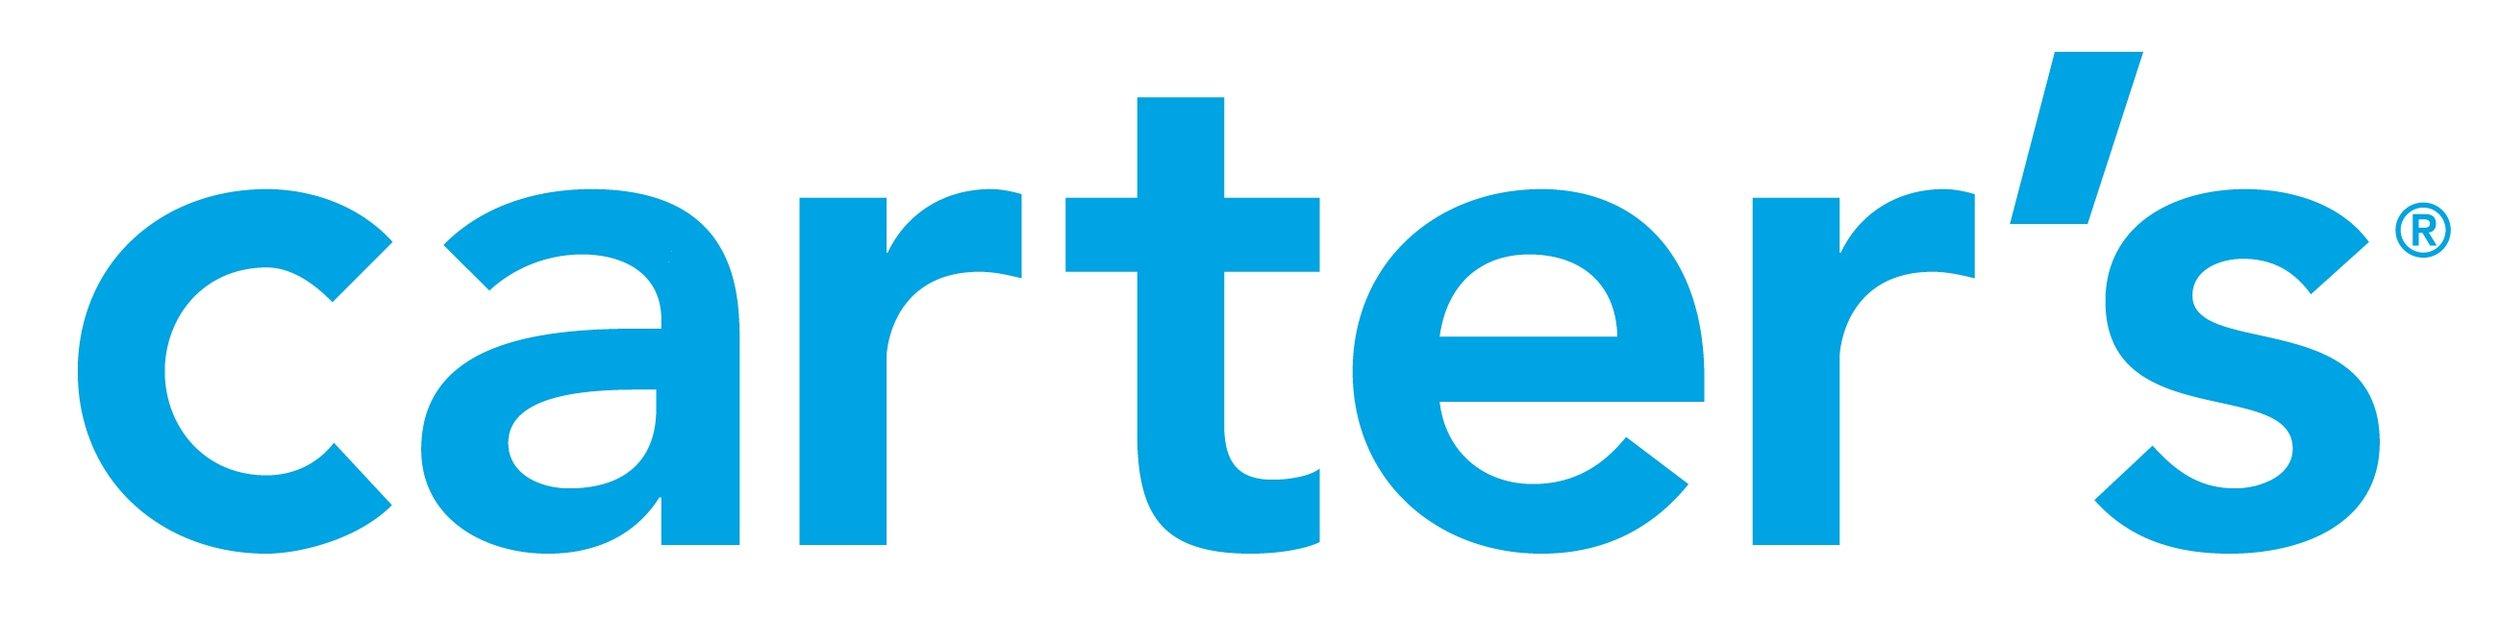 Carters_logo.jpg